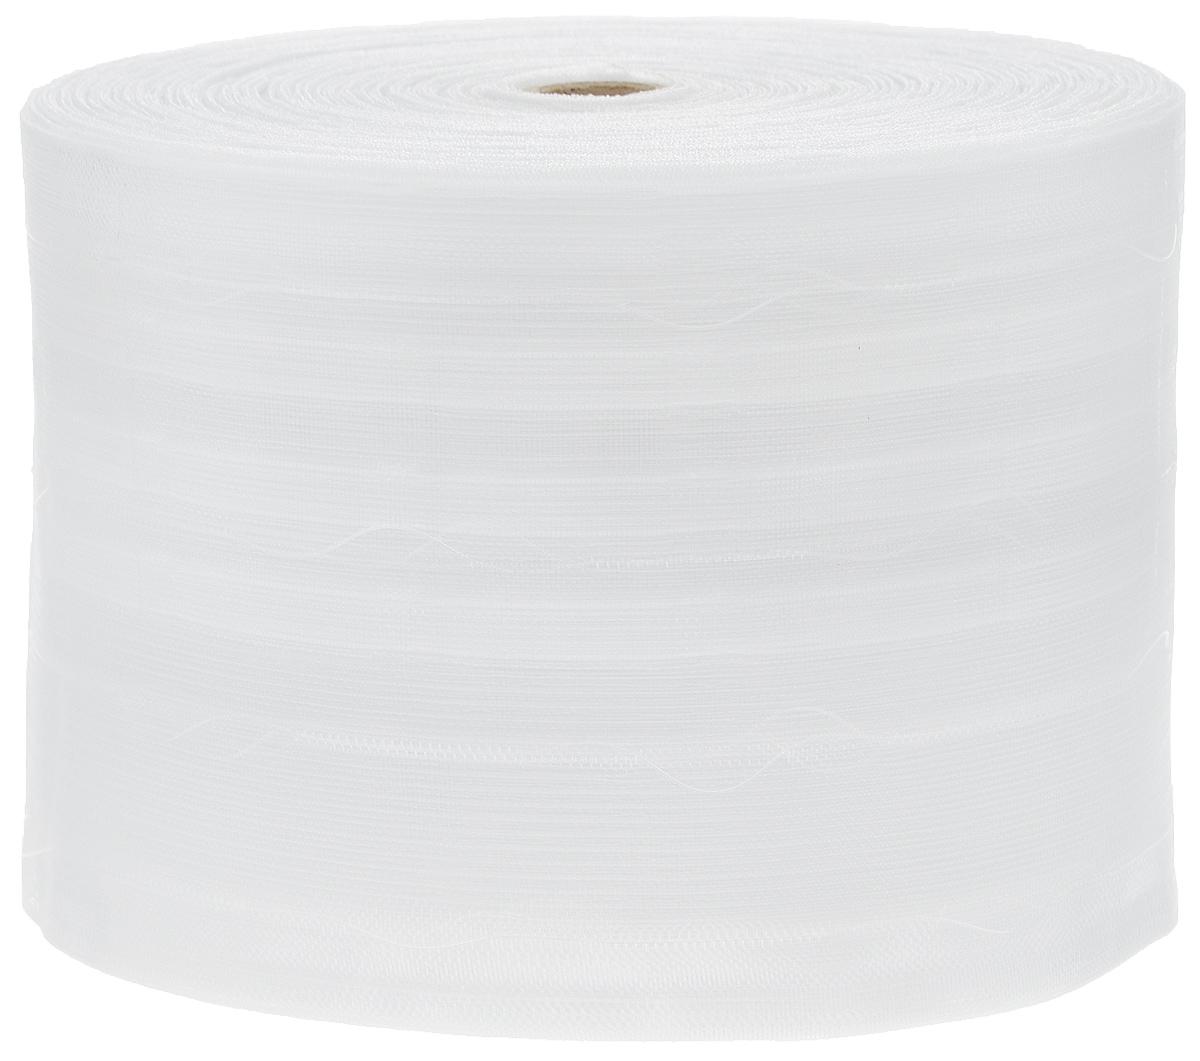 Тесьма для штор ТД Текстиль Бабочка, цвет: прозрачный, 12,5 см х 50 м86930Тесьма для штор ТД Текстиль Бабочка выполнена из 100% полиэстера. Тесьма для штор - это лента, имеющая вид тканой или сетчатой полоски, в которой через определенные интервалы протянуты плотные нити или шнуры, которые и отвечают за ритм и шаг полученных складок. Используя тесьму, можно драпировать почти все виды штор: тюль, портьеры, гардины, ламбрекены и занавески. Длина тесьмы: 50 м. Ширина тесьмы: 12,5 см.